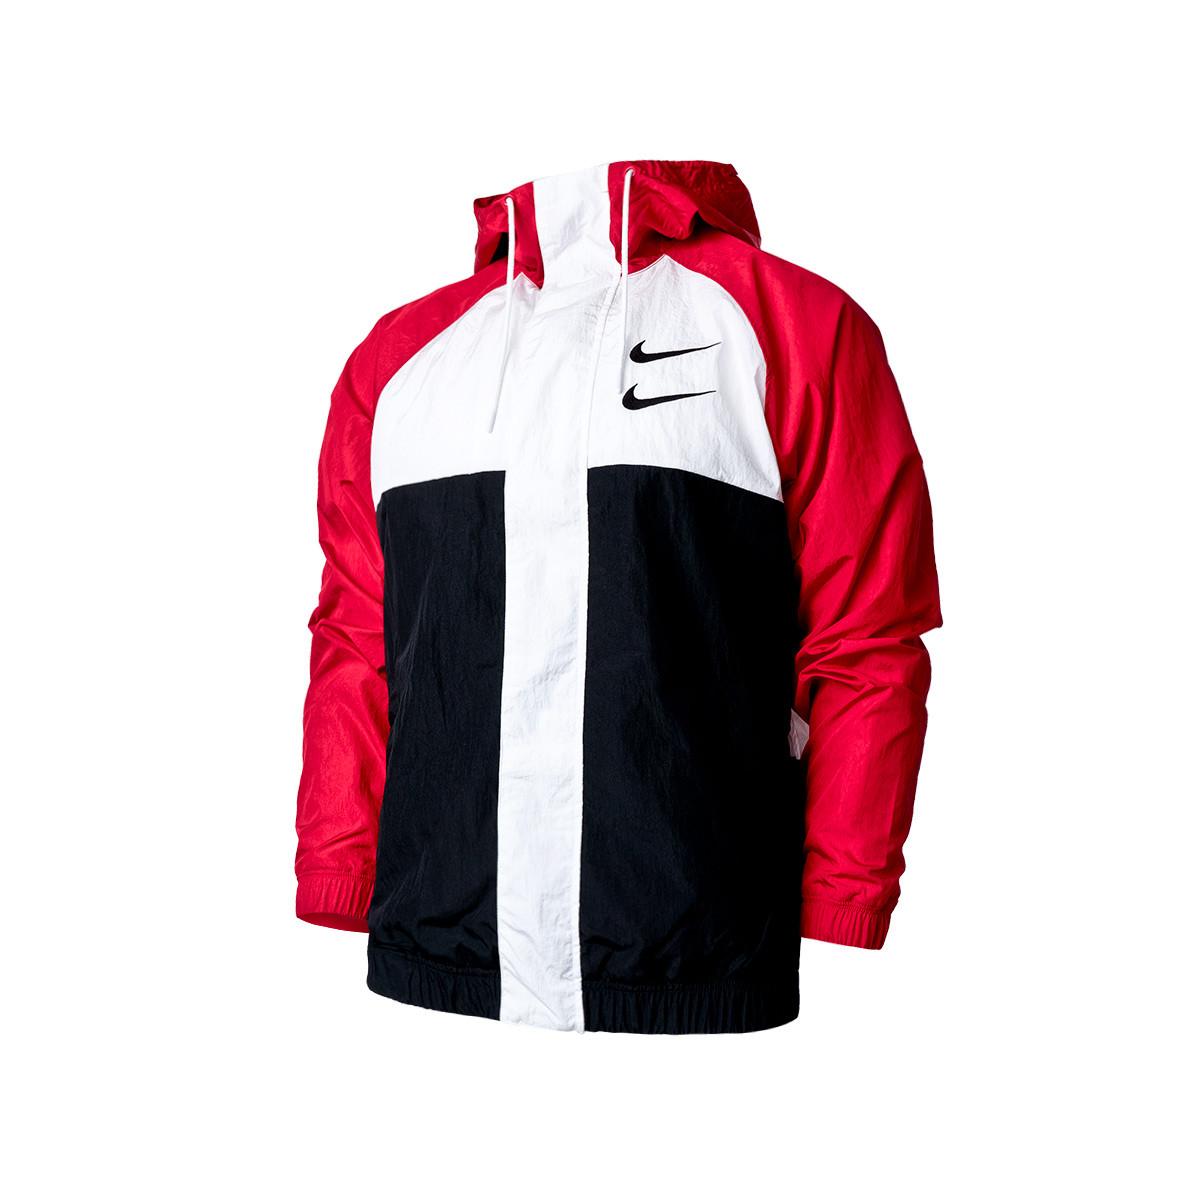 precio canto Panadería  Chaqueta Nike Sportswear Swoosh Hoodie Woven University red-Black - Tienda  de fútbol Fútbol Emotion